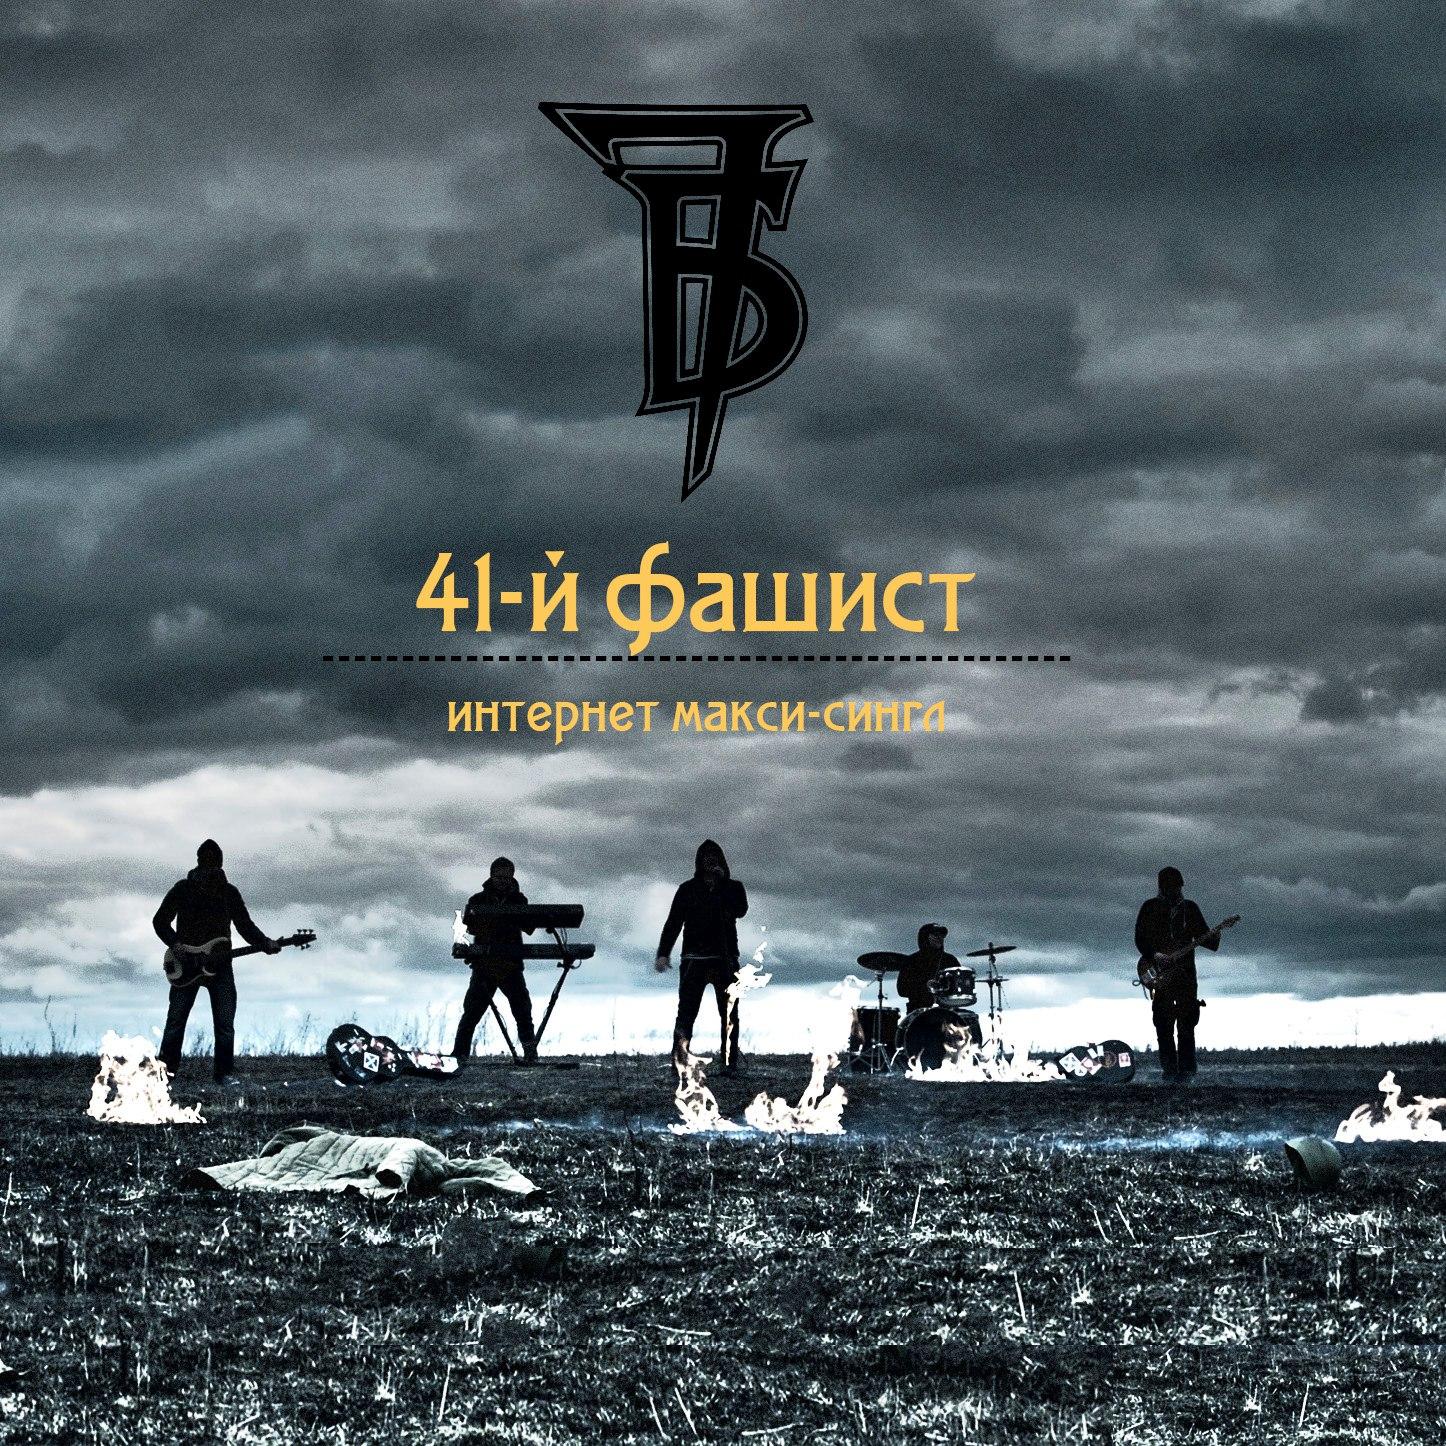 Группа 7Б к своему 15-летию приурочила новый макси-сингл